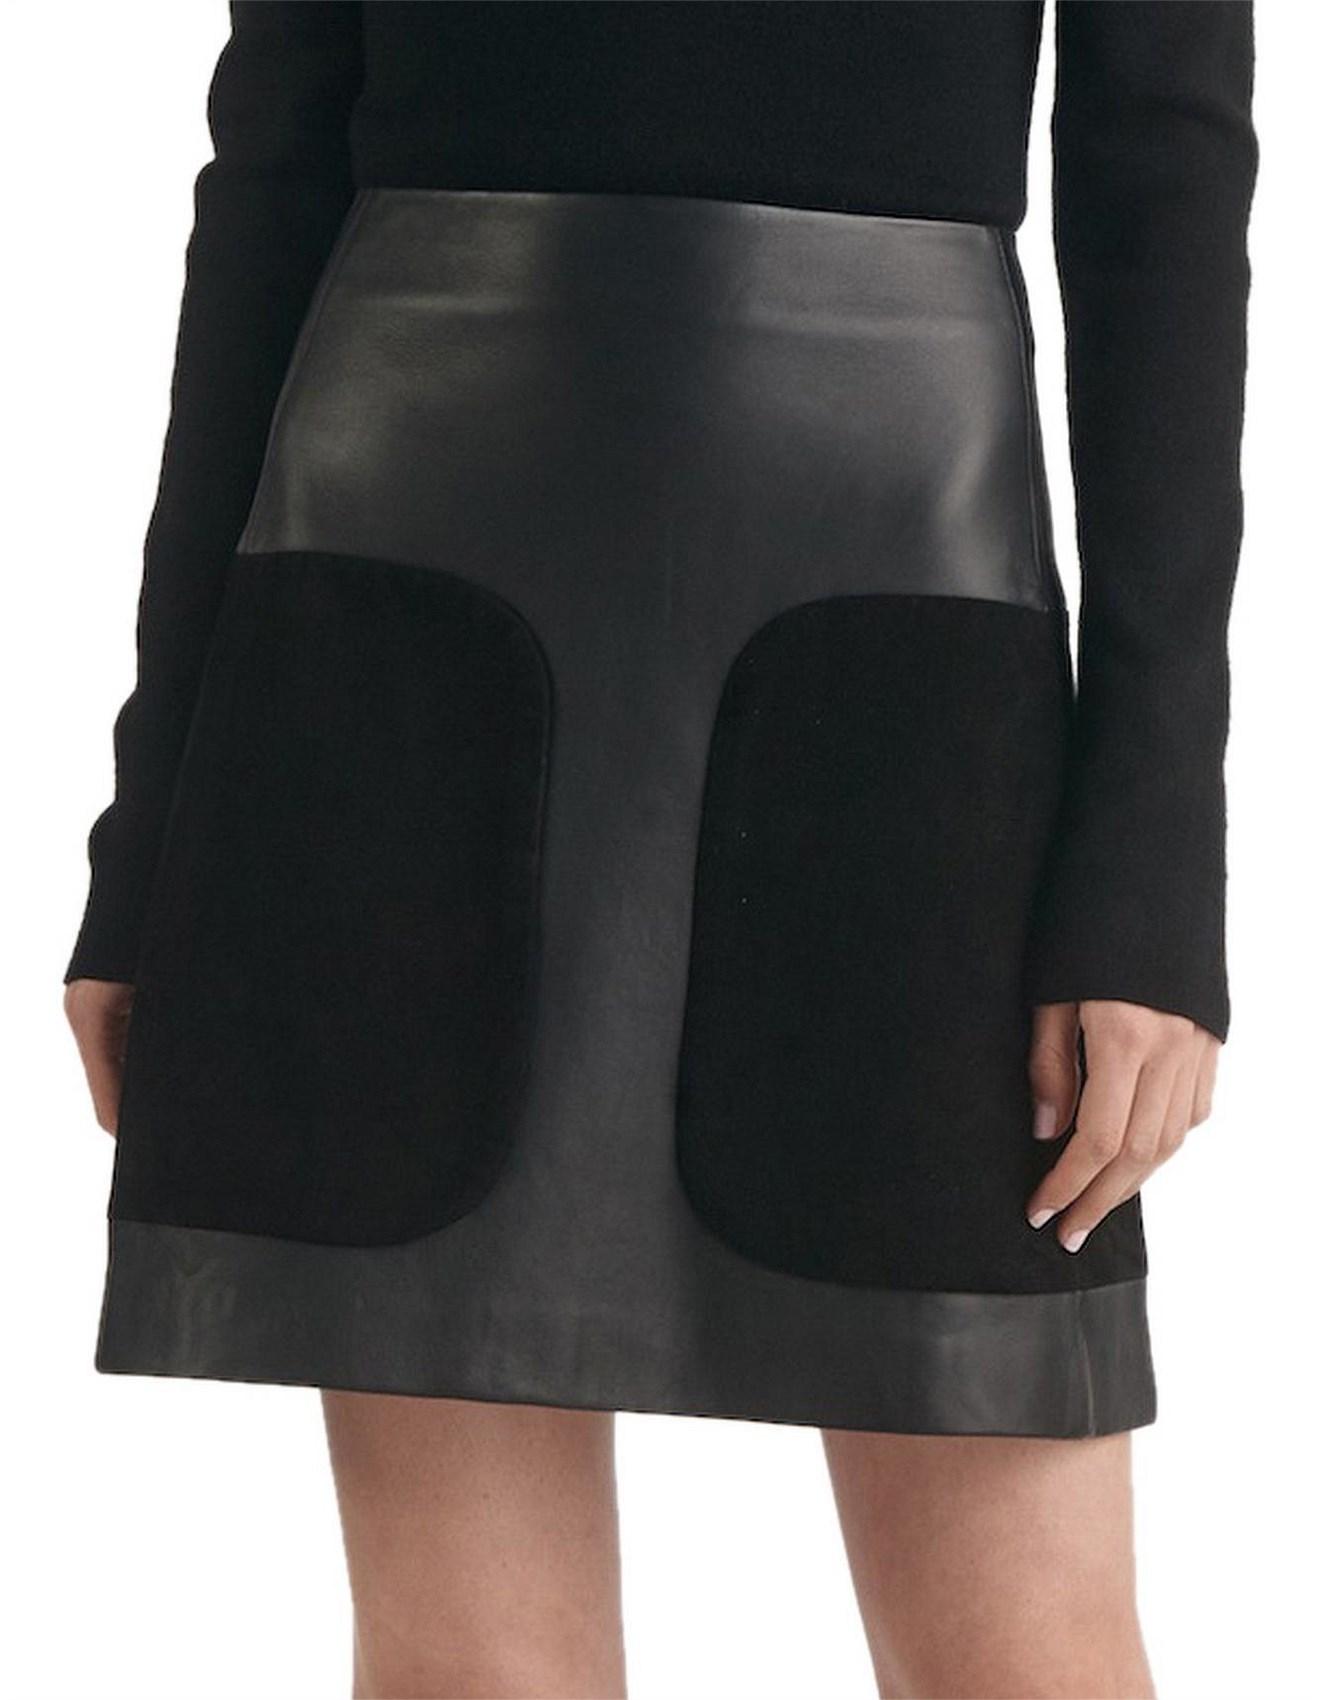 f5fb525864 Dion Lee | Buy Dion Lee Clothing Online | David Jones - ENCASED ...